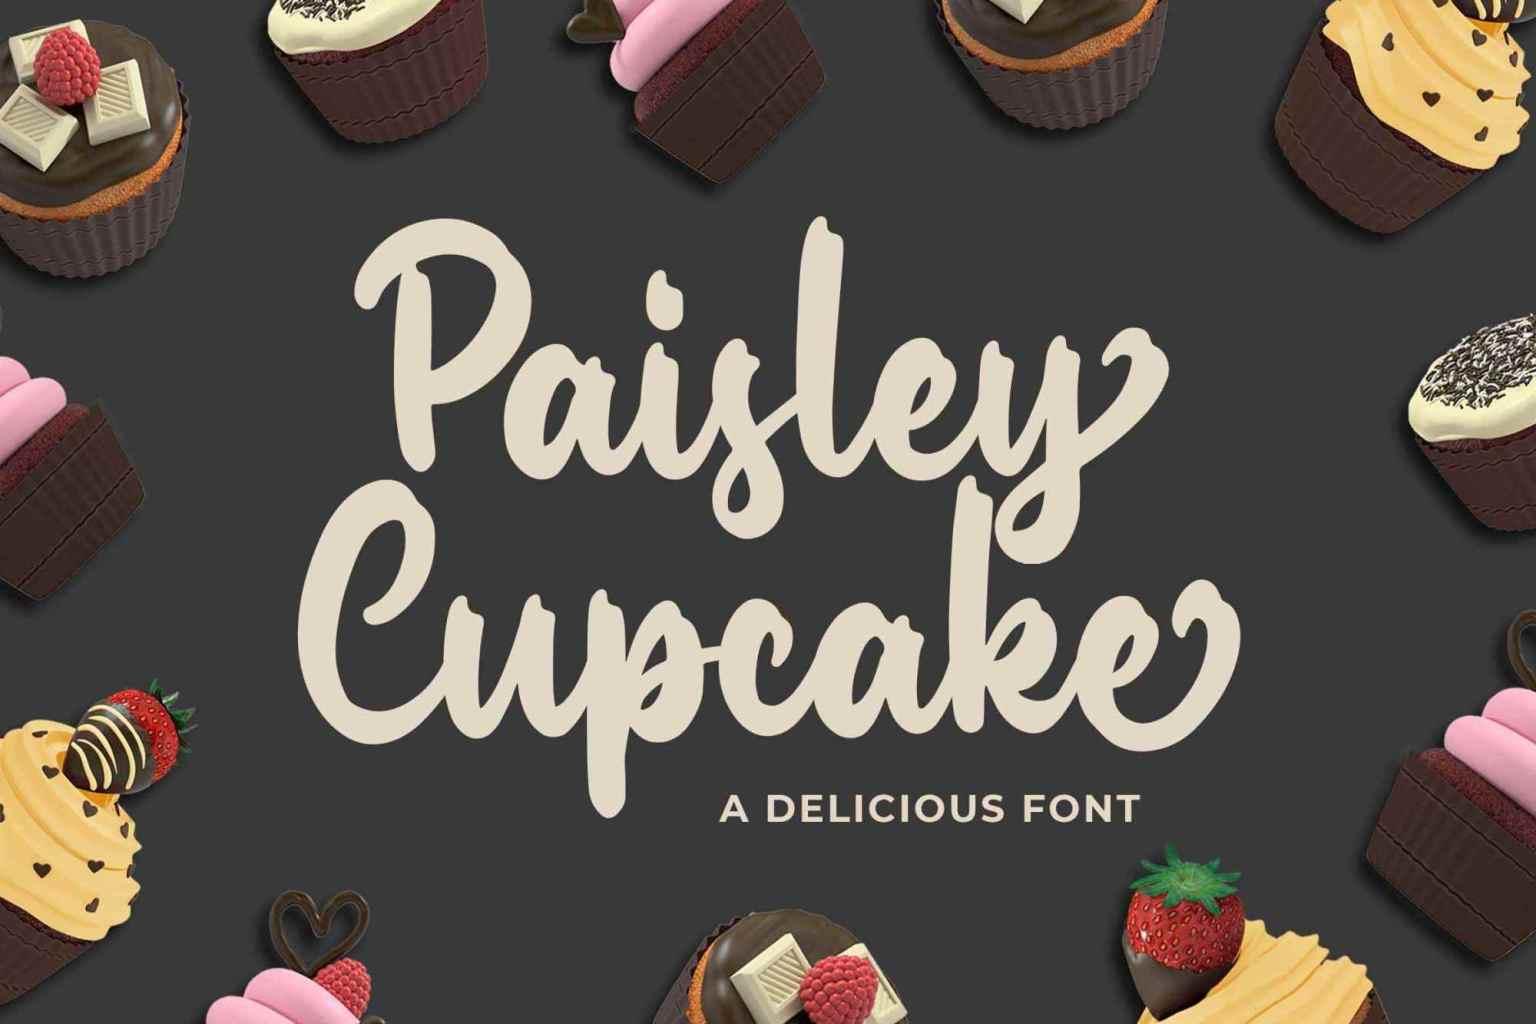 Paisley-Cupkace-Script-Font-1 (2)